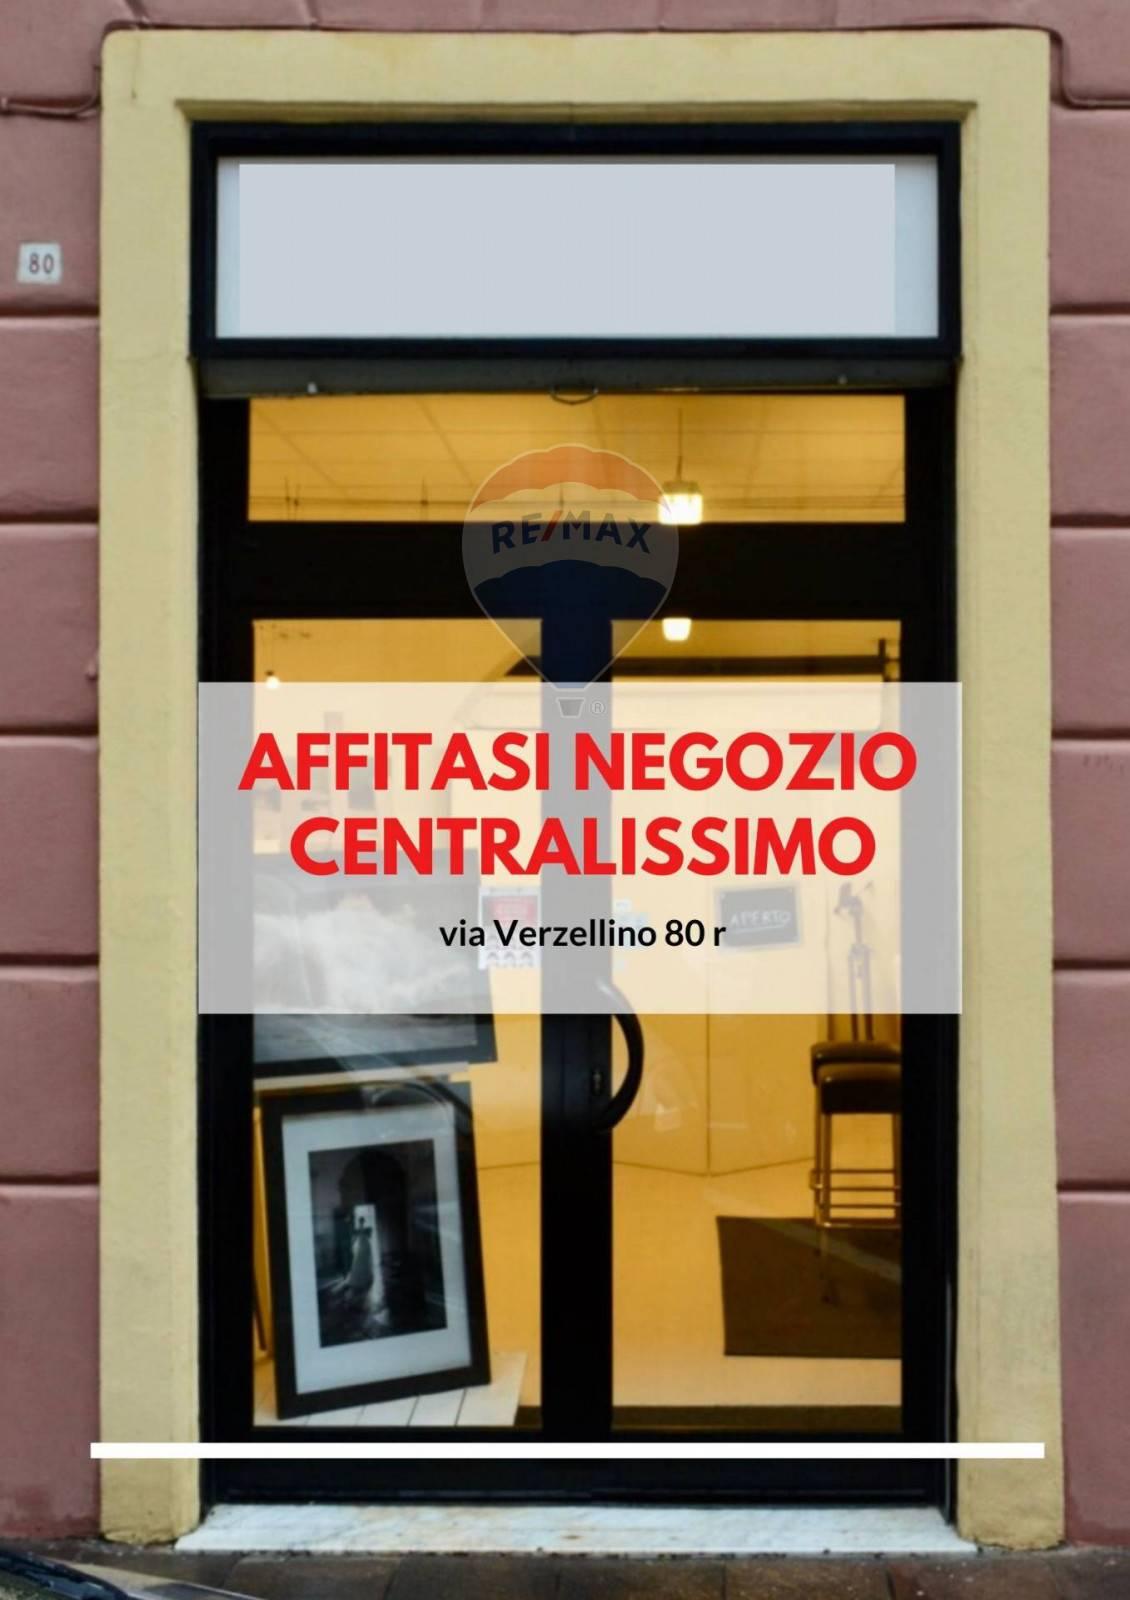 NEGOZIO in Affitto a Centro, Savona (SAVONA)